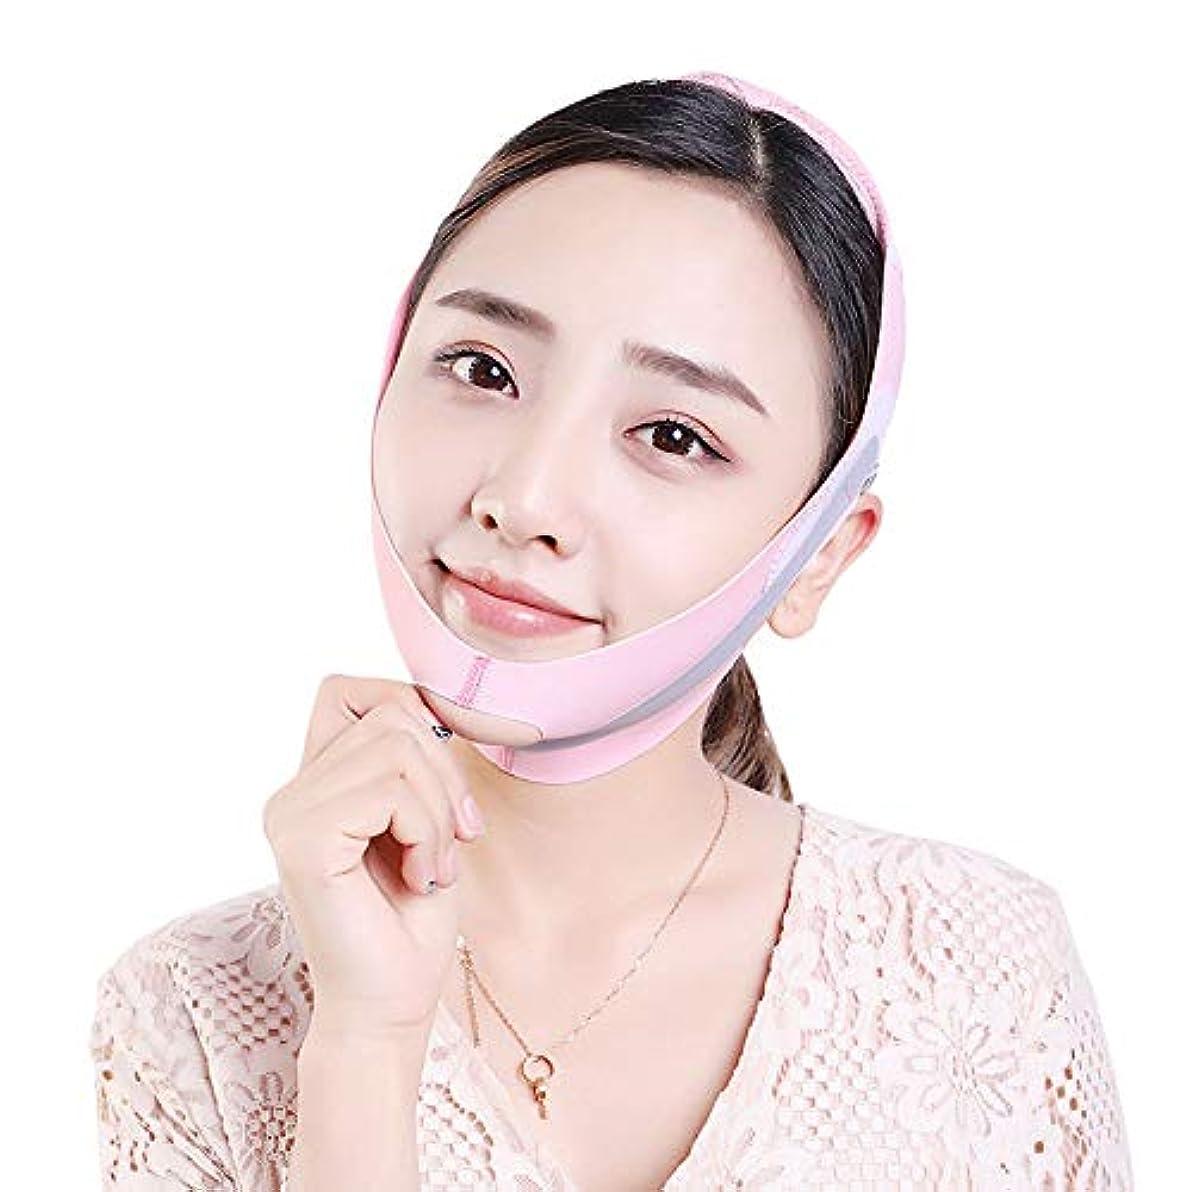 融合書き出すディスコ滑らかで フェイスマスク、Vフェイス包帯/リフティング咬筋収縮あご/ネックサポートリフトVフェイスベルト(ピンク)